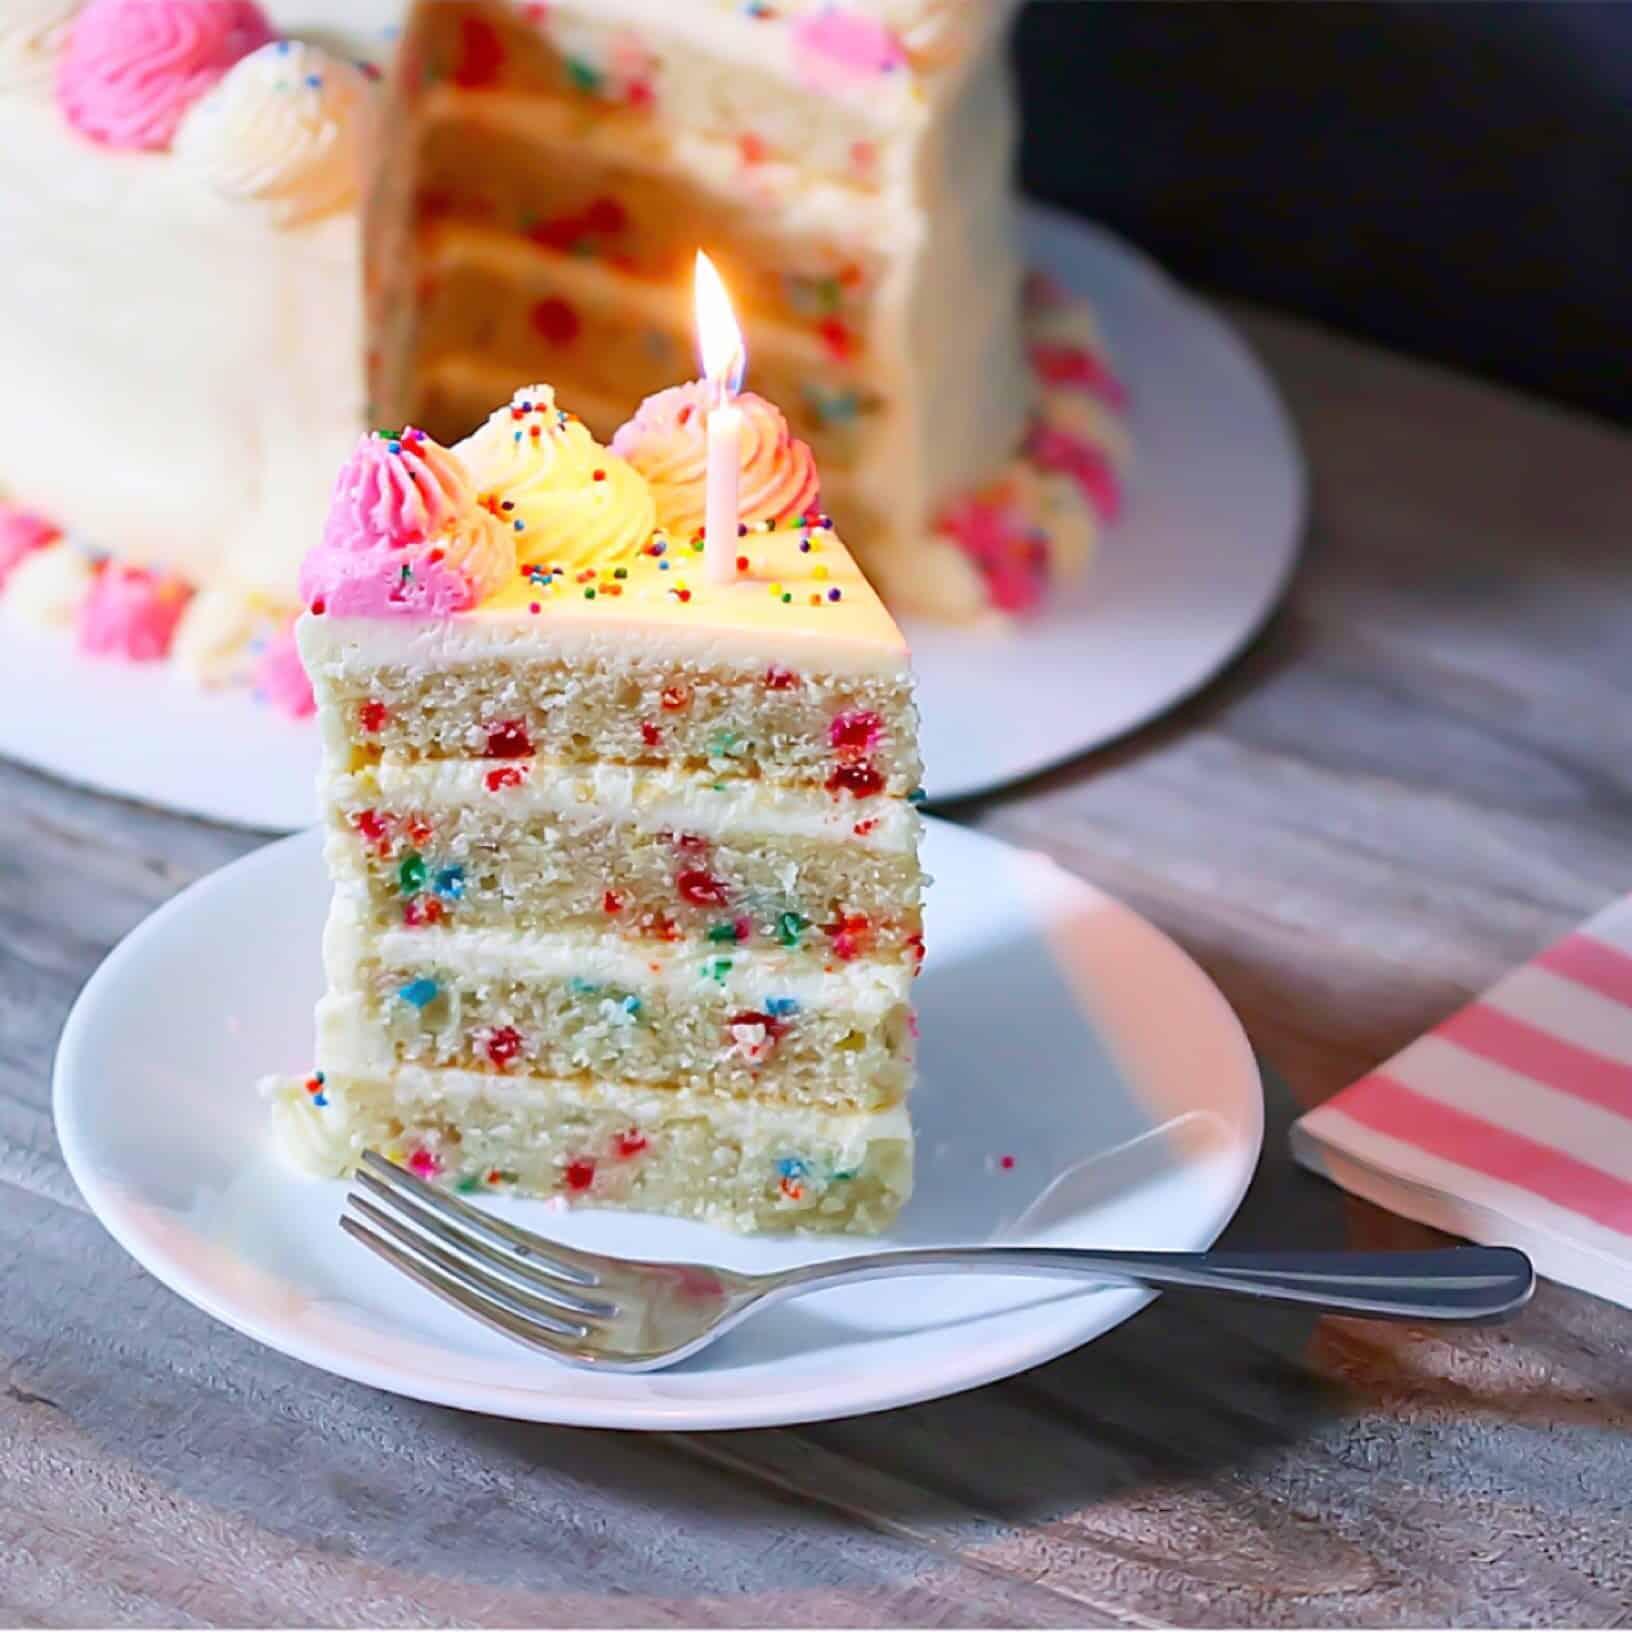 Grain-Free Funfetti Cake